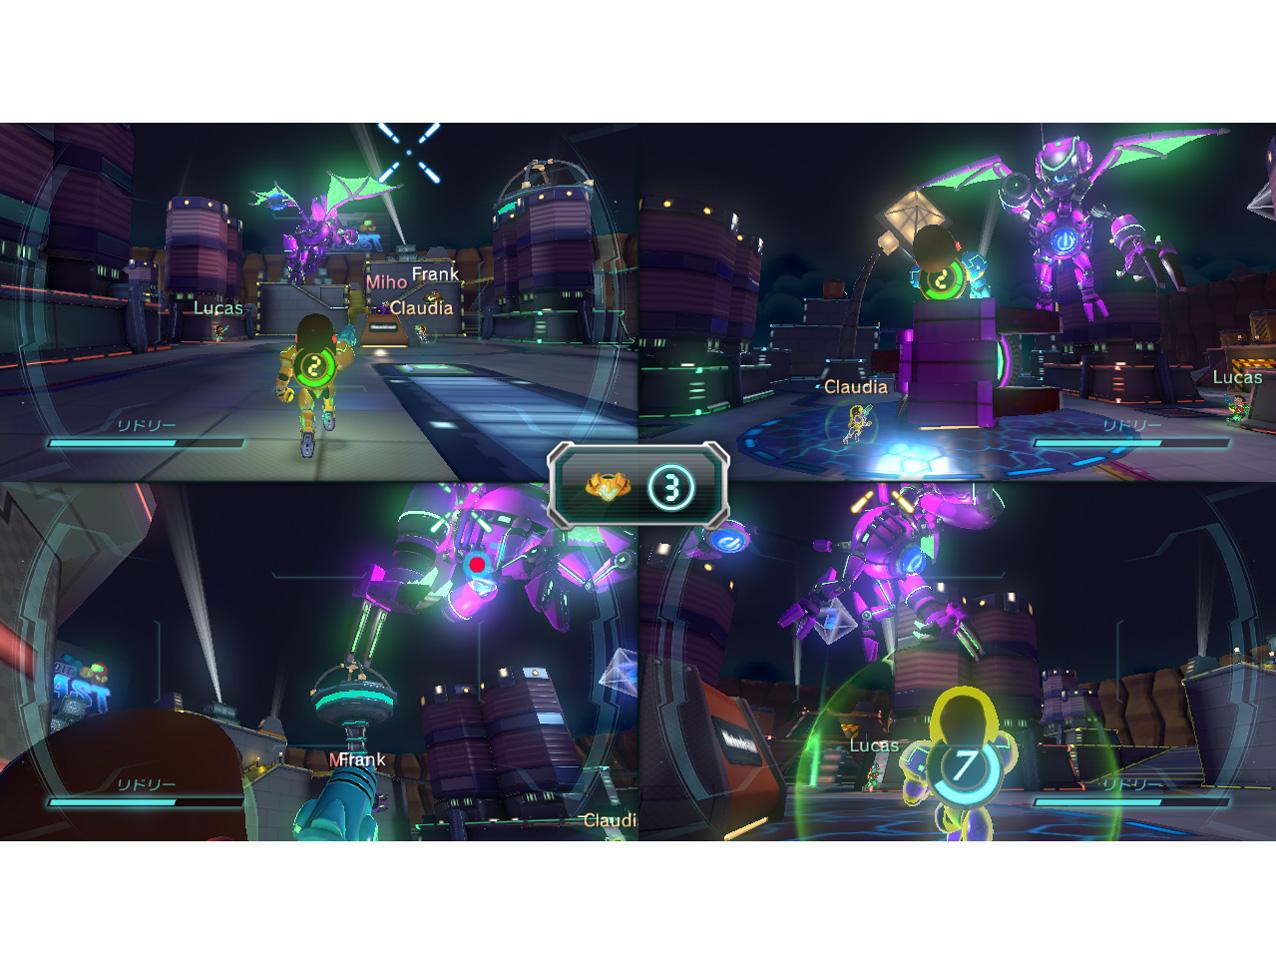 『画面イメージ9』 Nintendo Land の製品画像